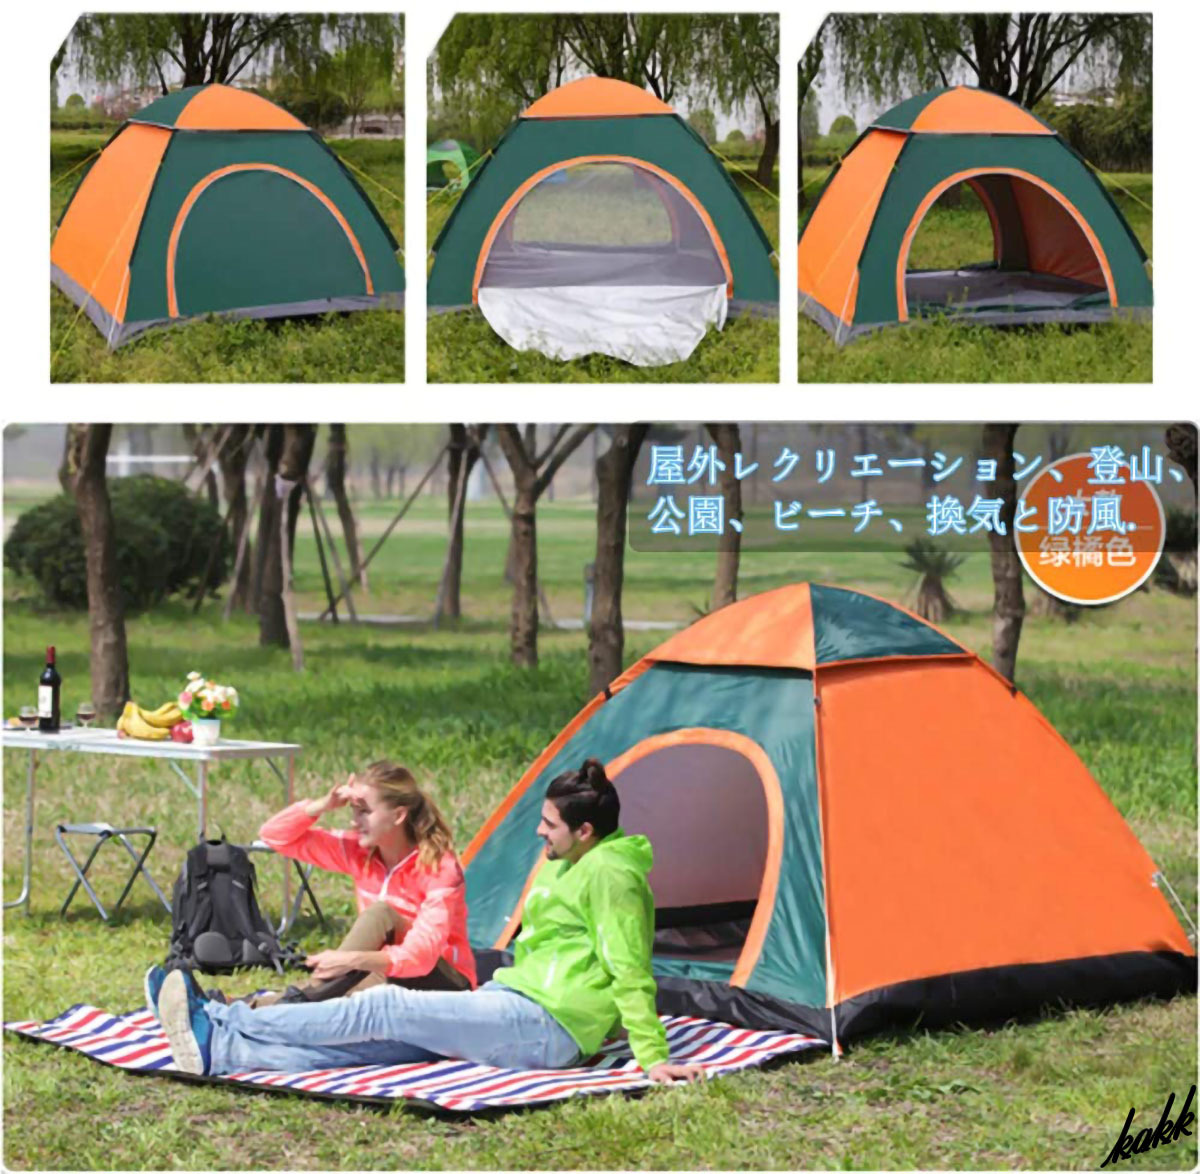 【ワンタッチで広々空間】 テント 3-4人用 軽量 コンパクト 通気性 簡単設営 アウトドア レジャー キャンプ ツーリング グリーン